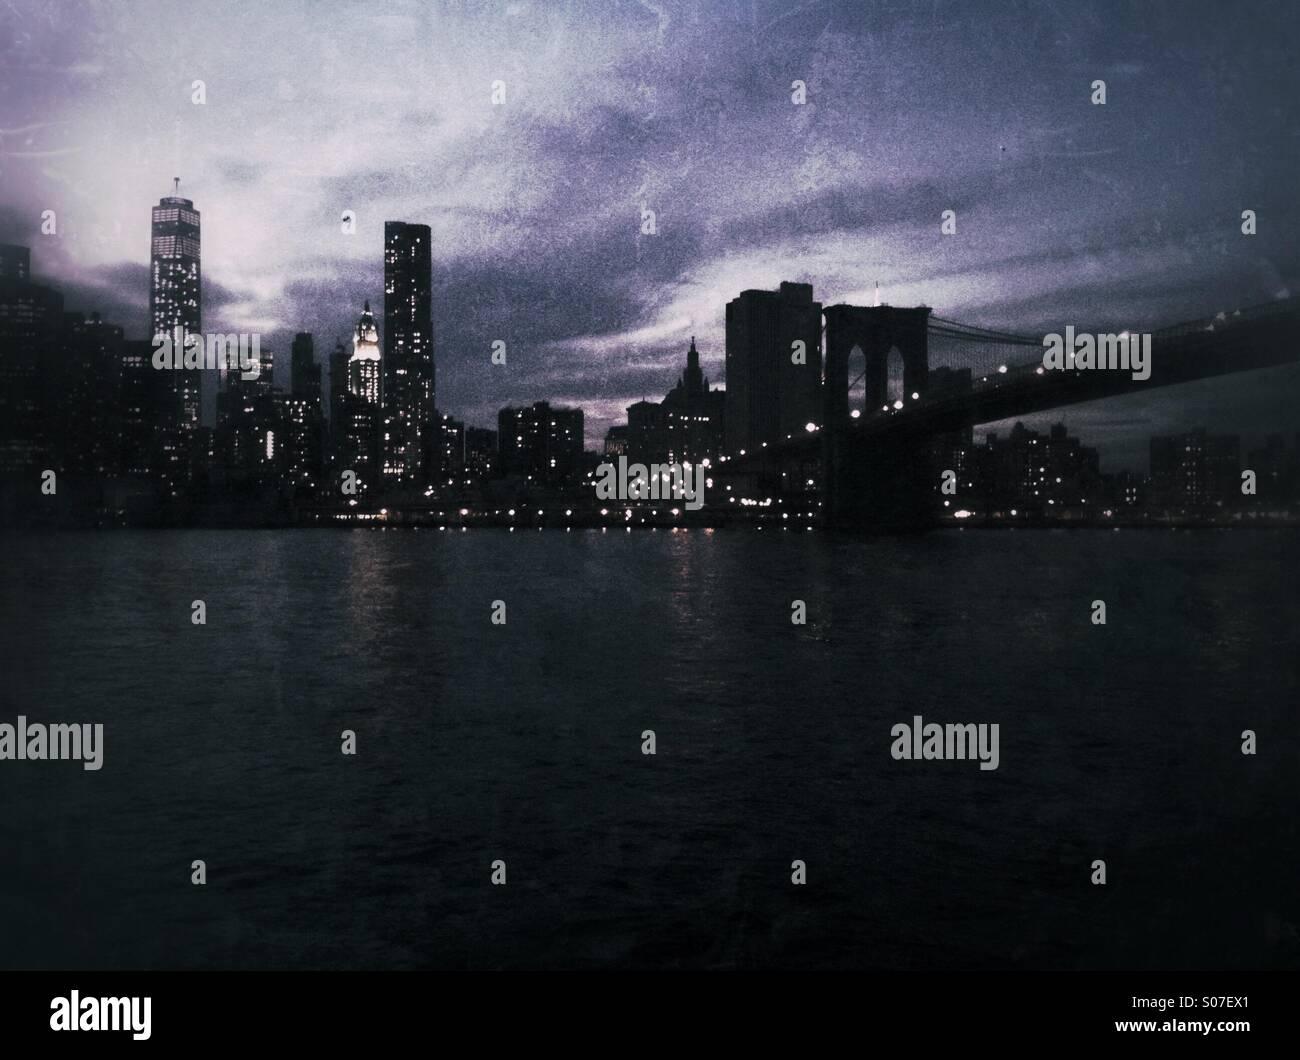 Nacht Aufnahme der Skyline von New York City einschließlich der Brooklyn Bridge. Grunge-Stil Stockbild